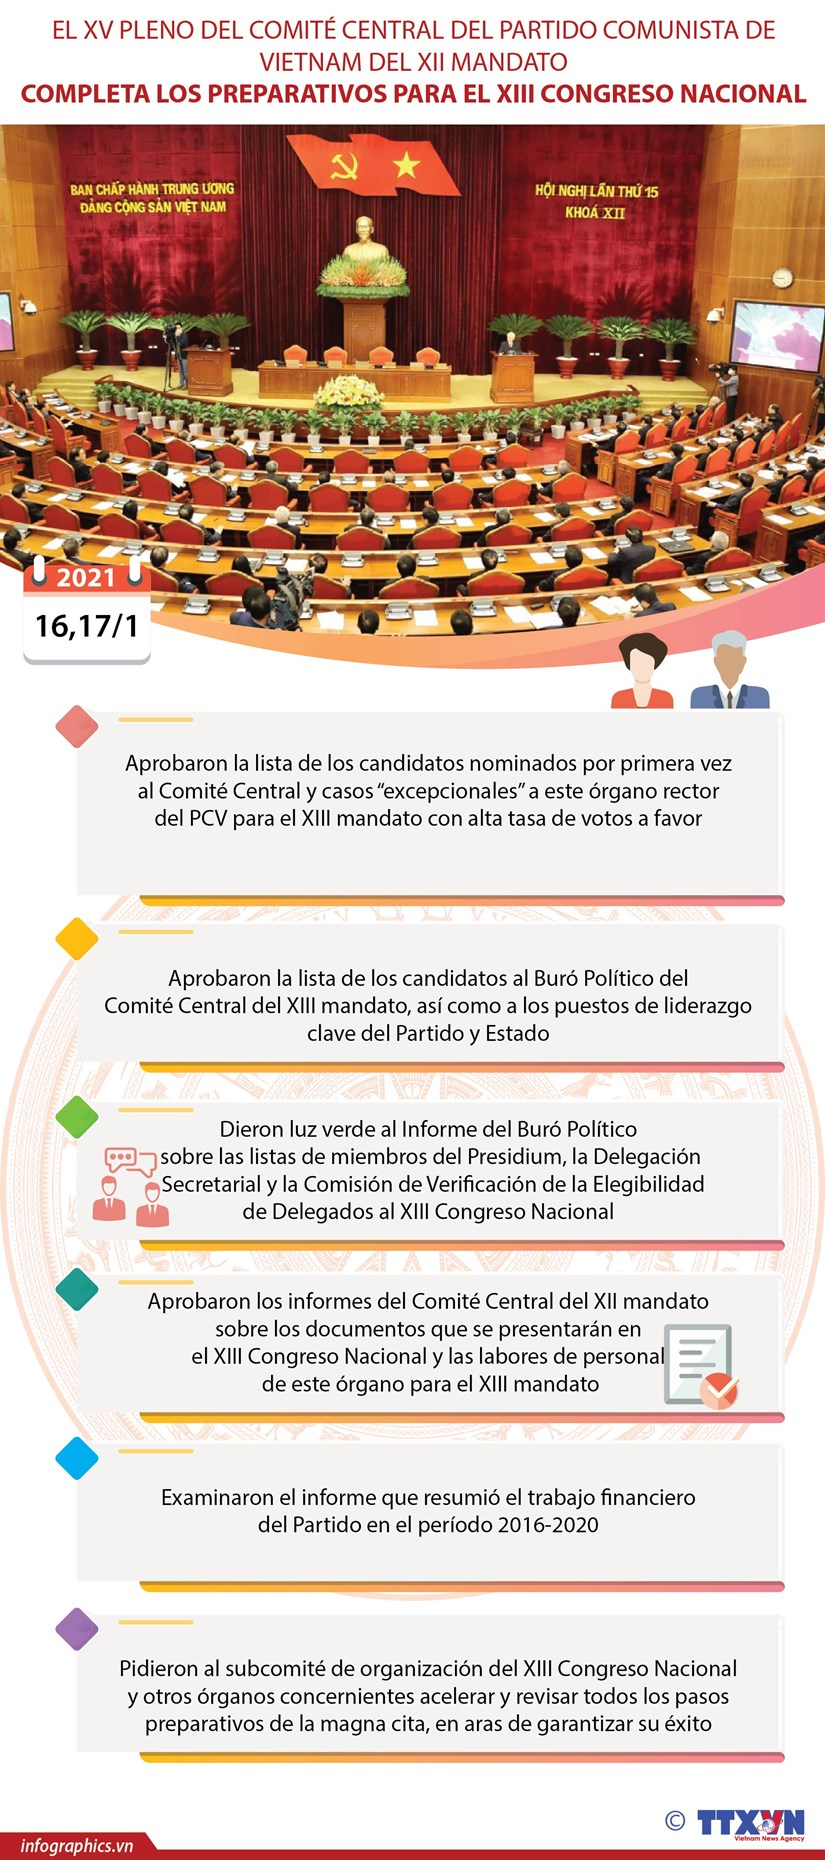 Comite Central del PCV cumple la agenda trazada de su XV pleno hinh anh 1